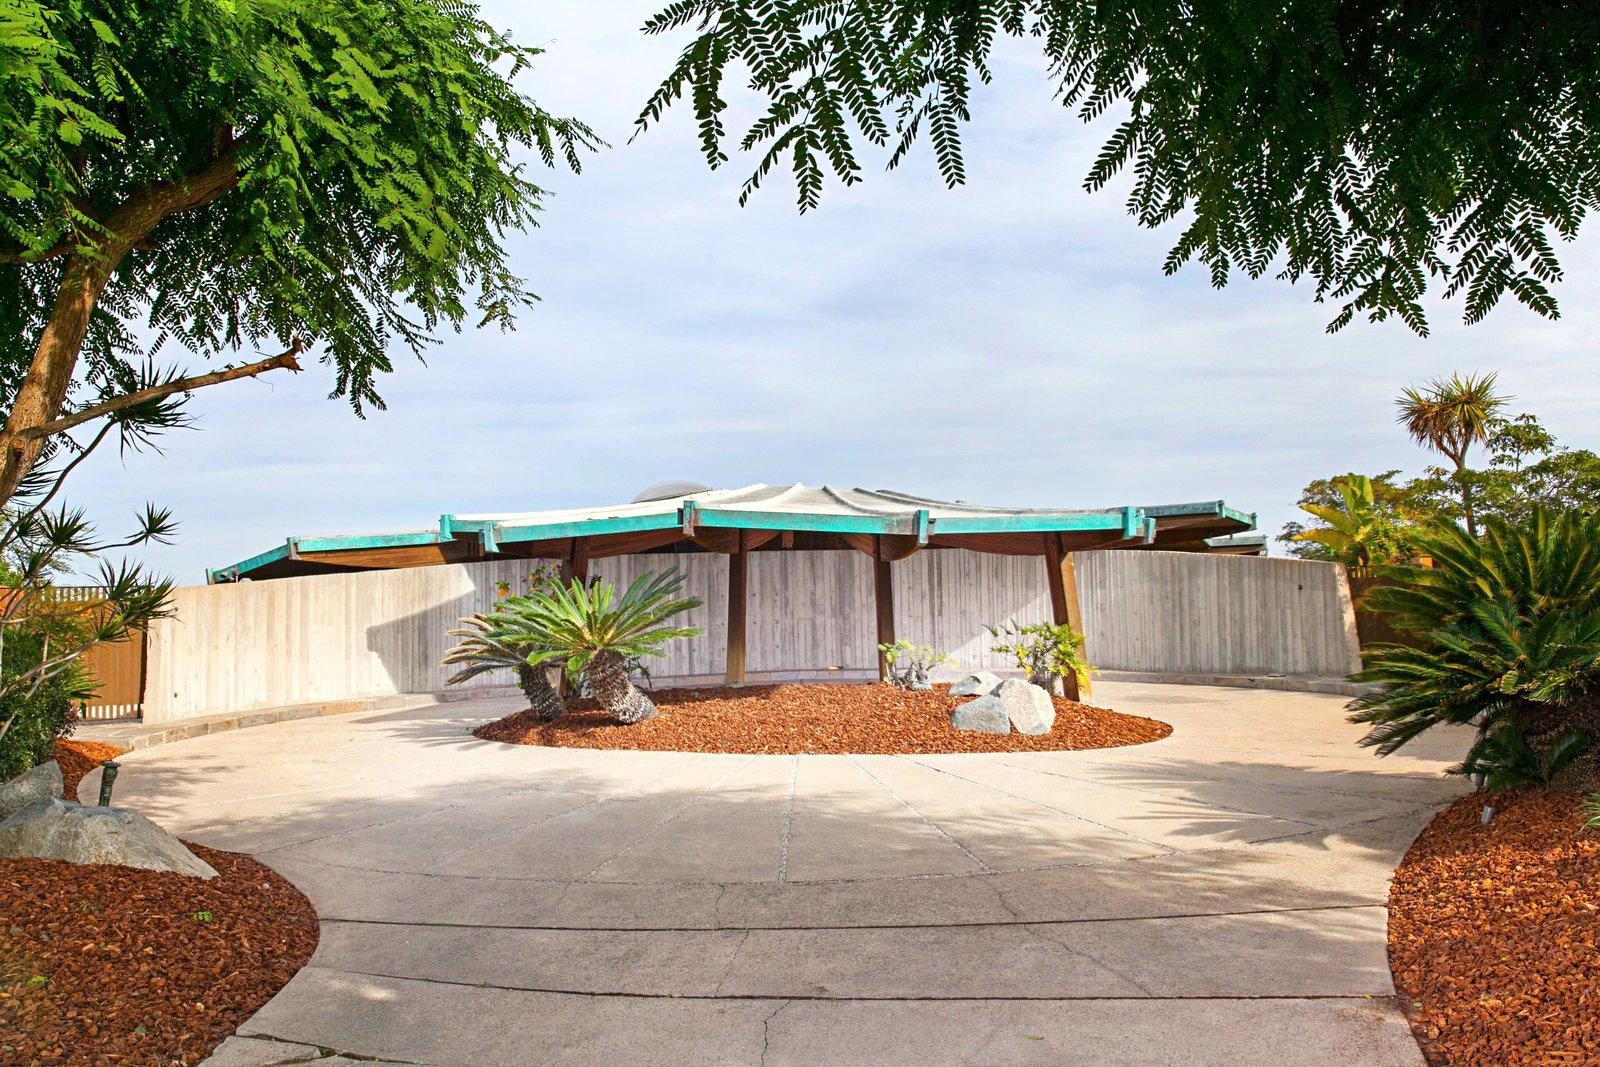 Lotus House driveway